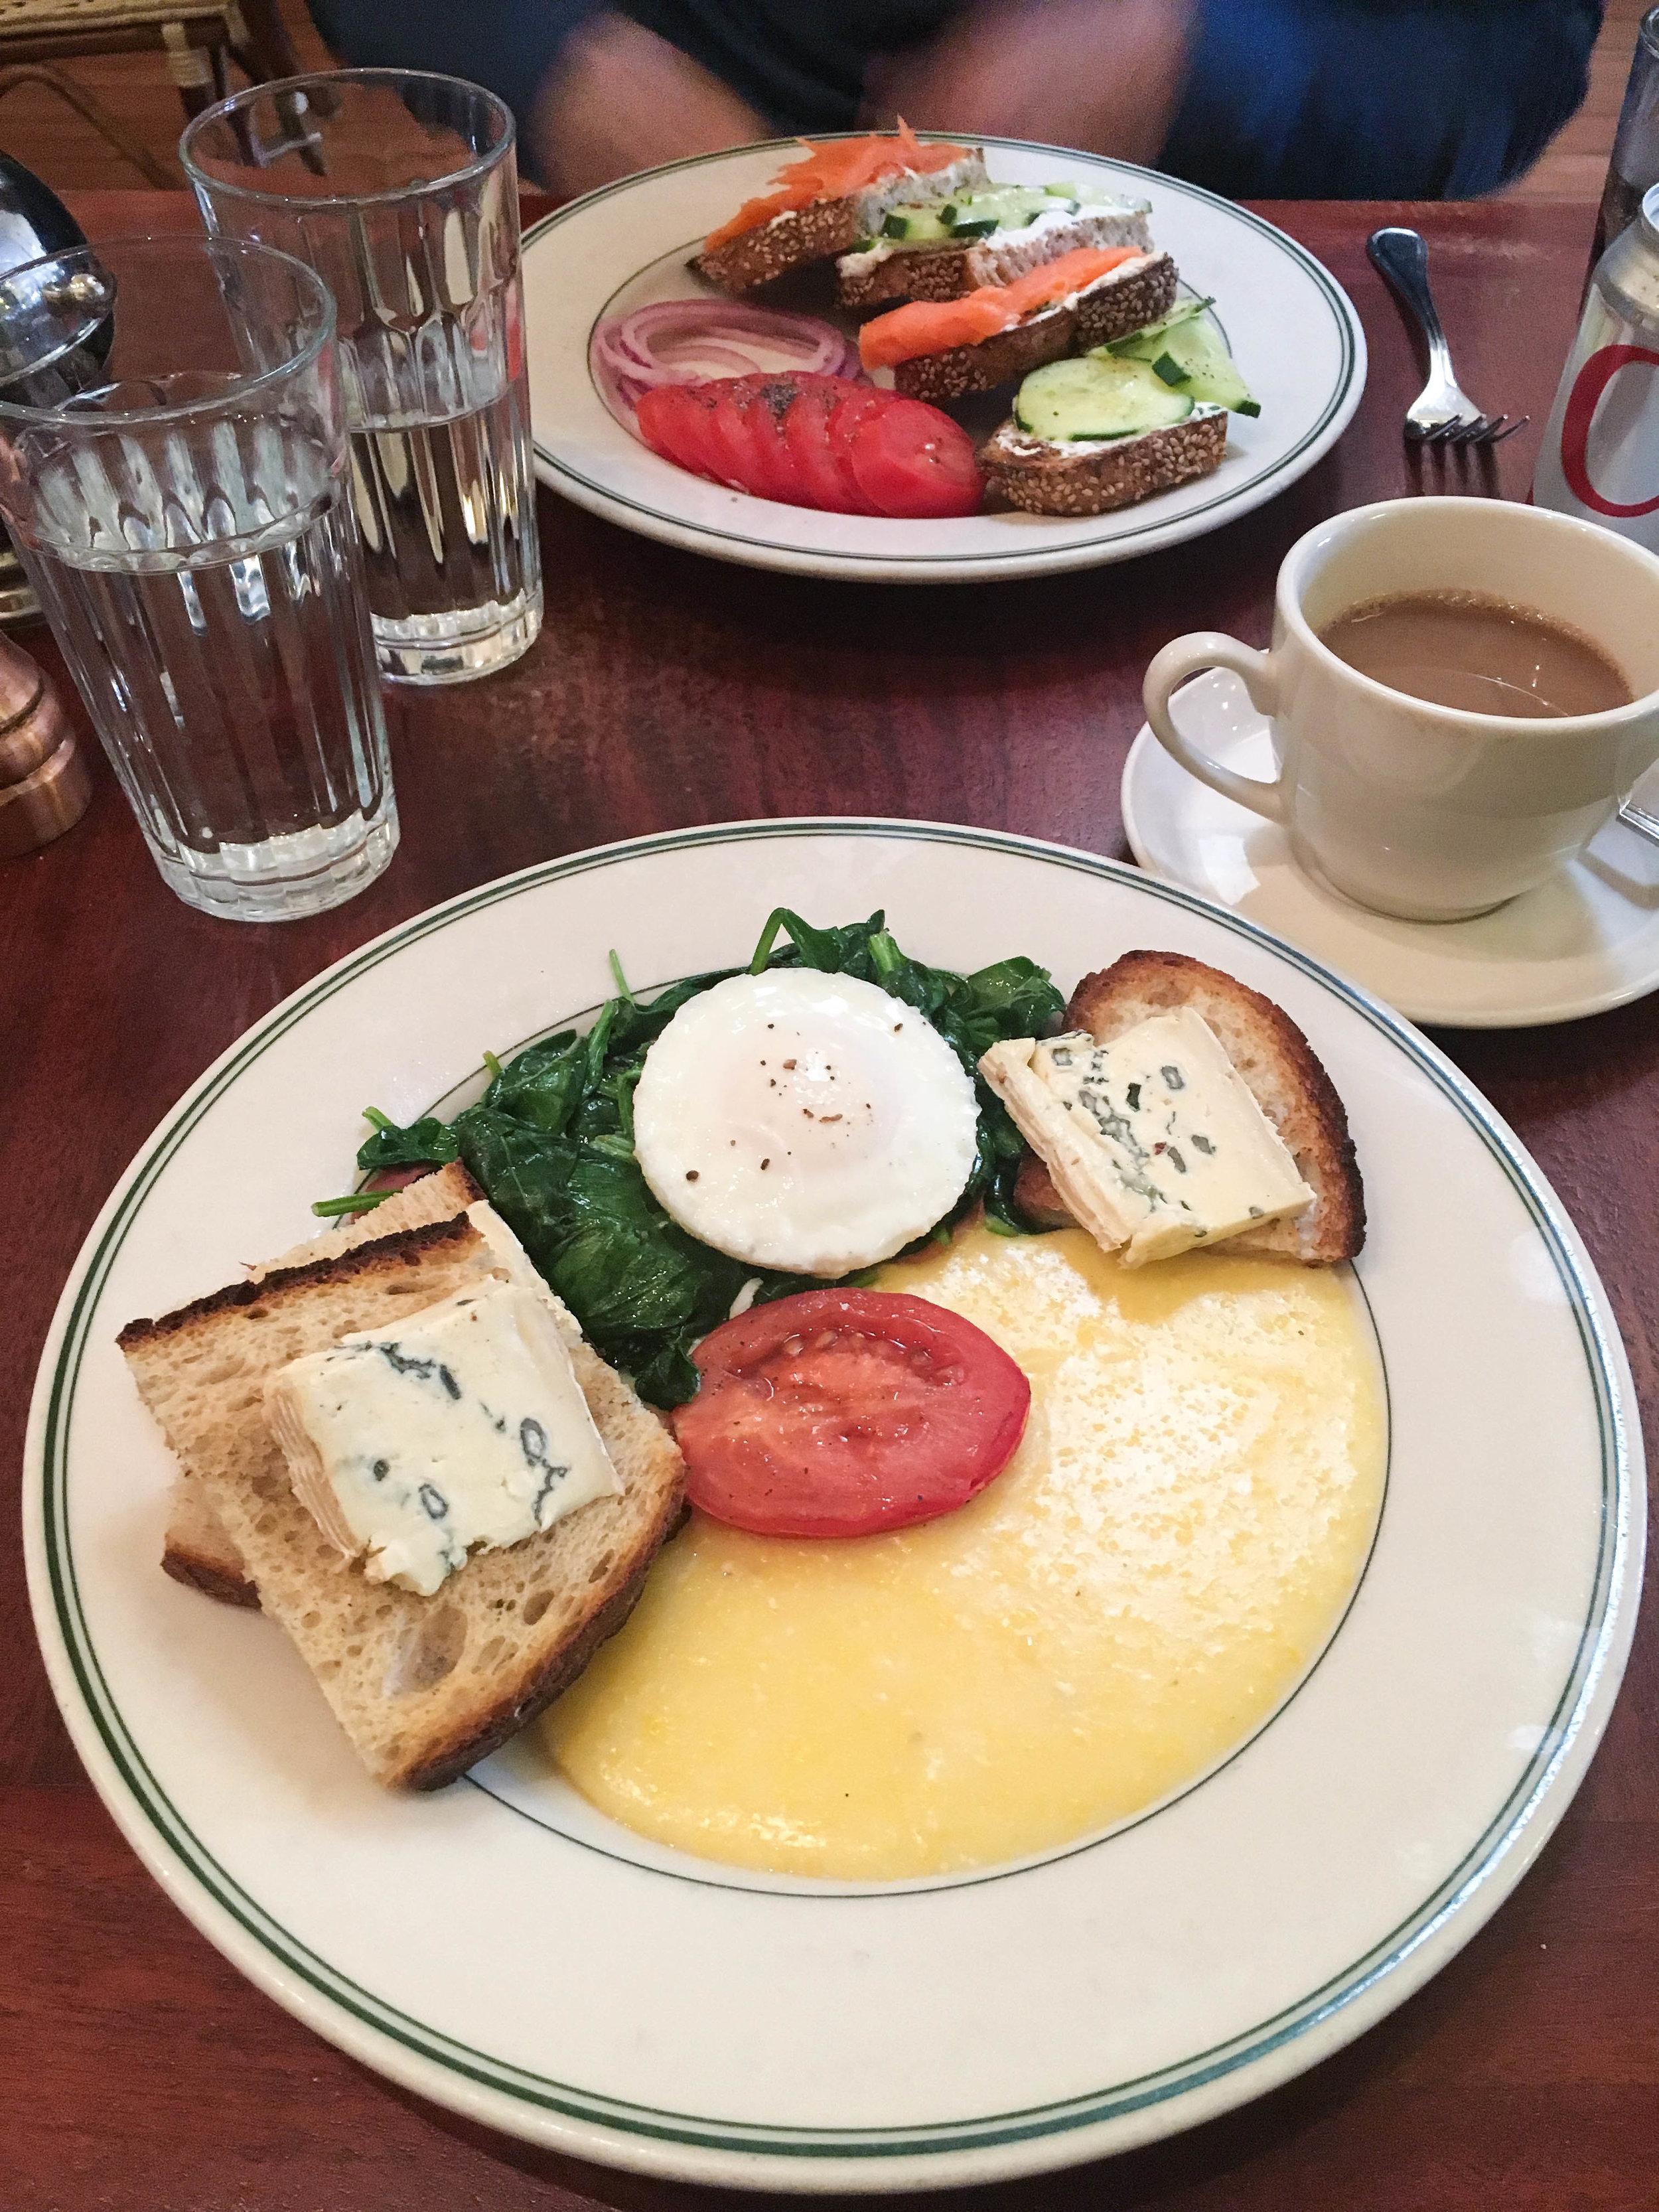 我的早餐,烤面包,烤鸡蛋,烤鸡蛋,烤鸡蛋和香肠,番茄煎饼,吃了香肠。